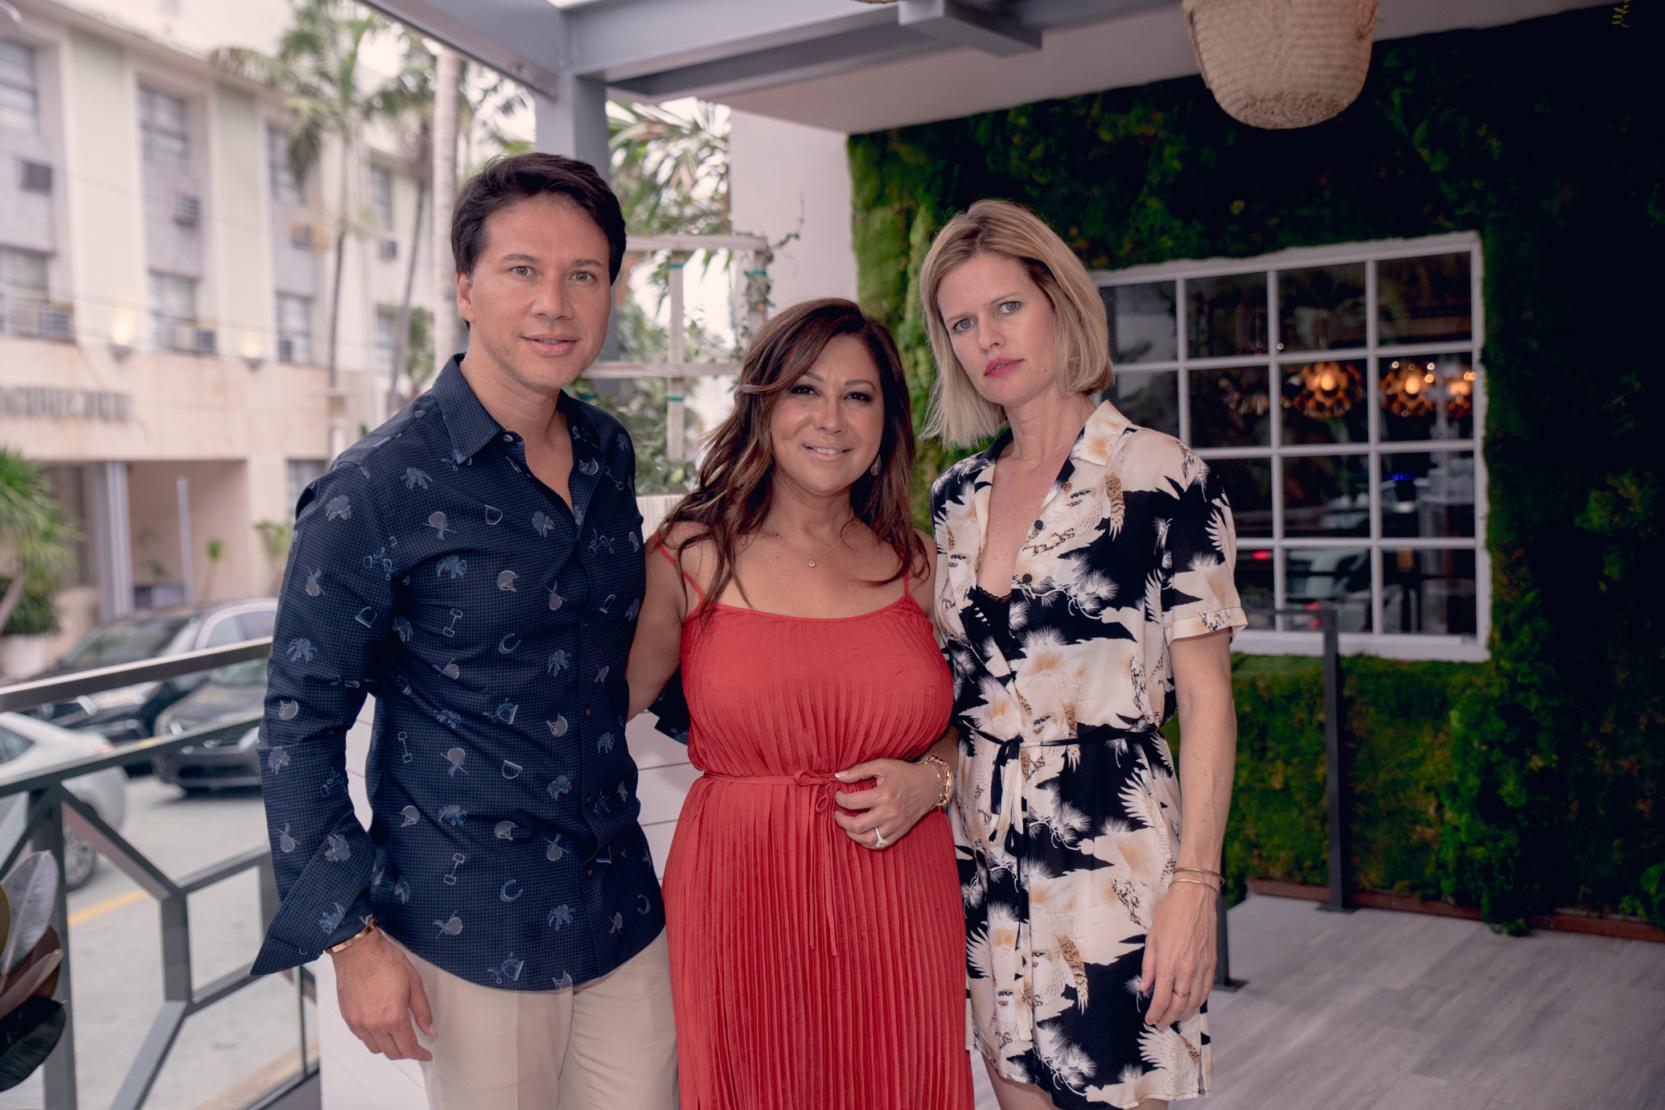 Darlei Bittencourt, Sinesia Karol and Lori Warriner